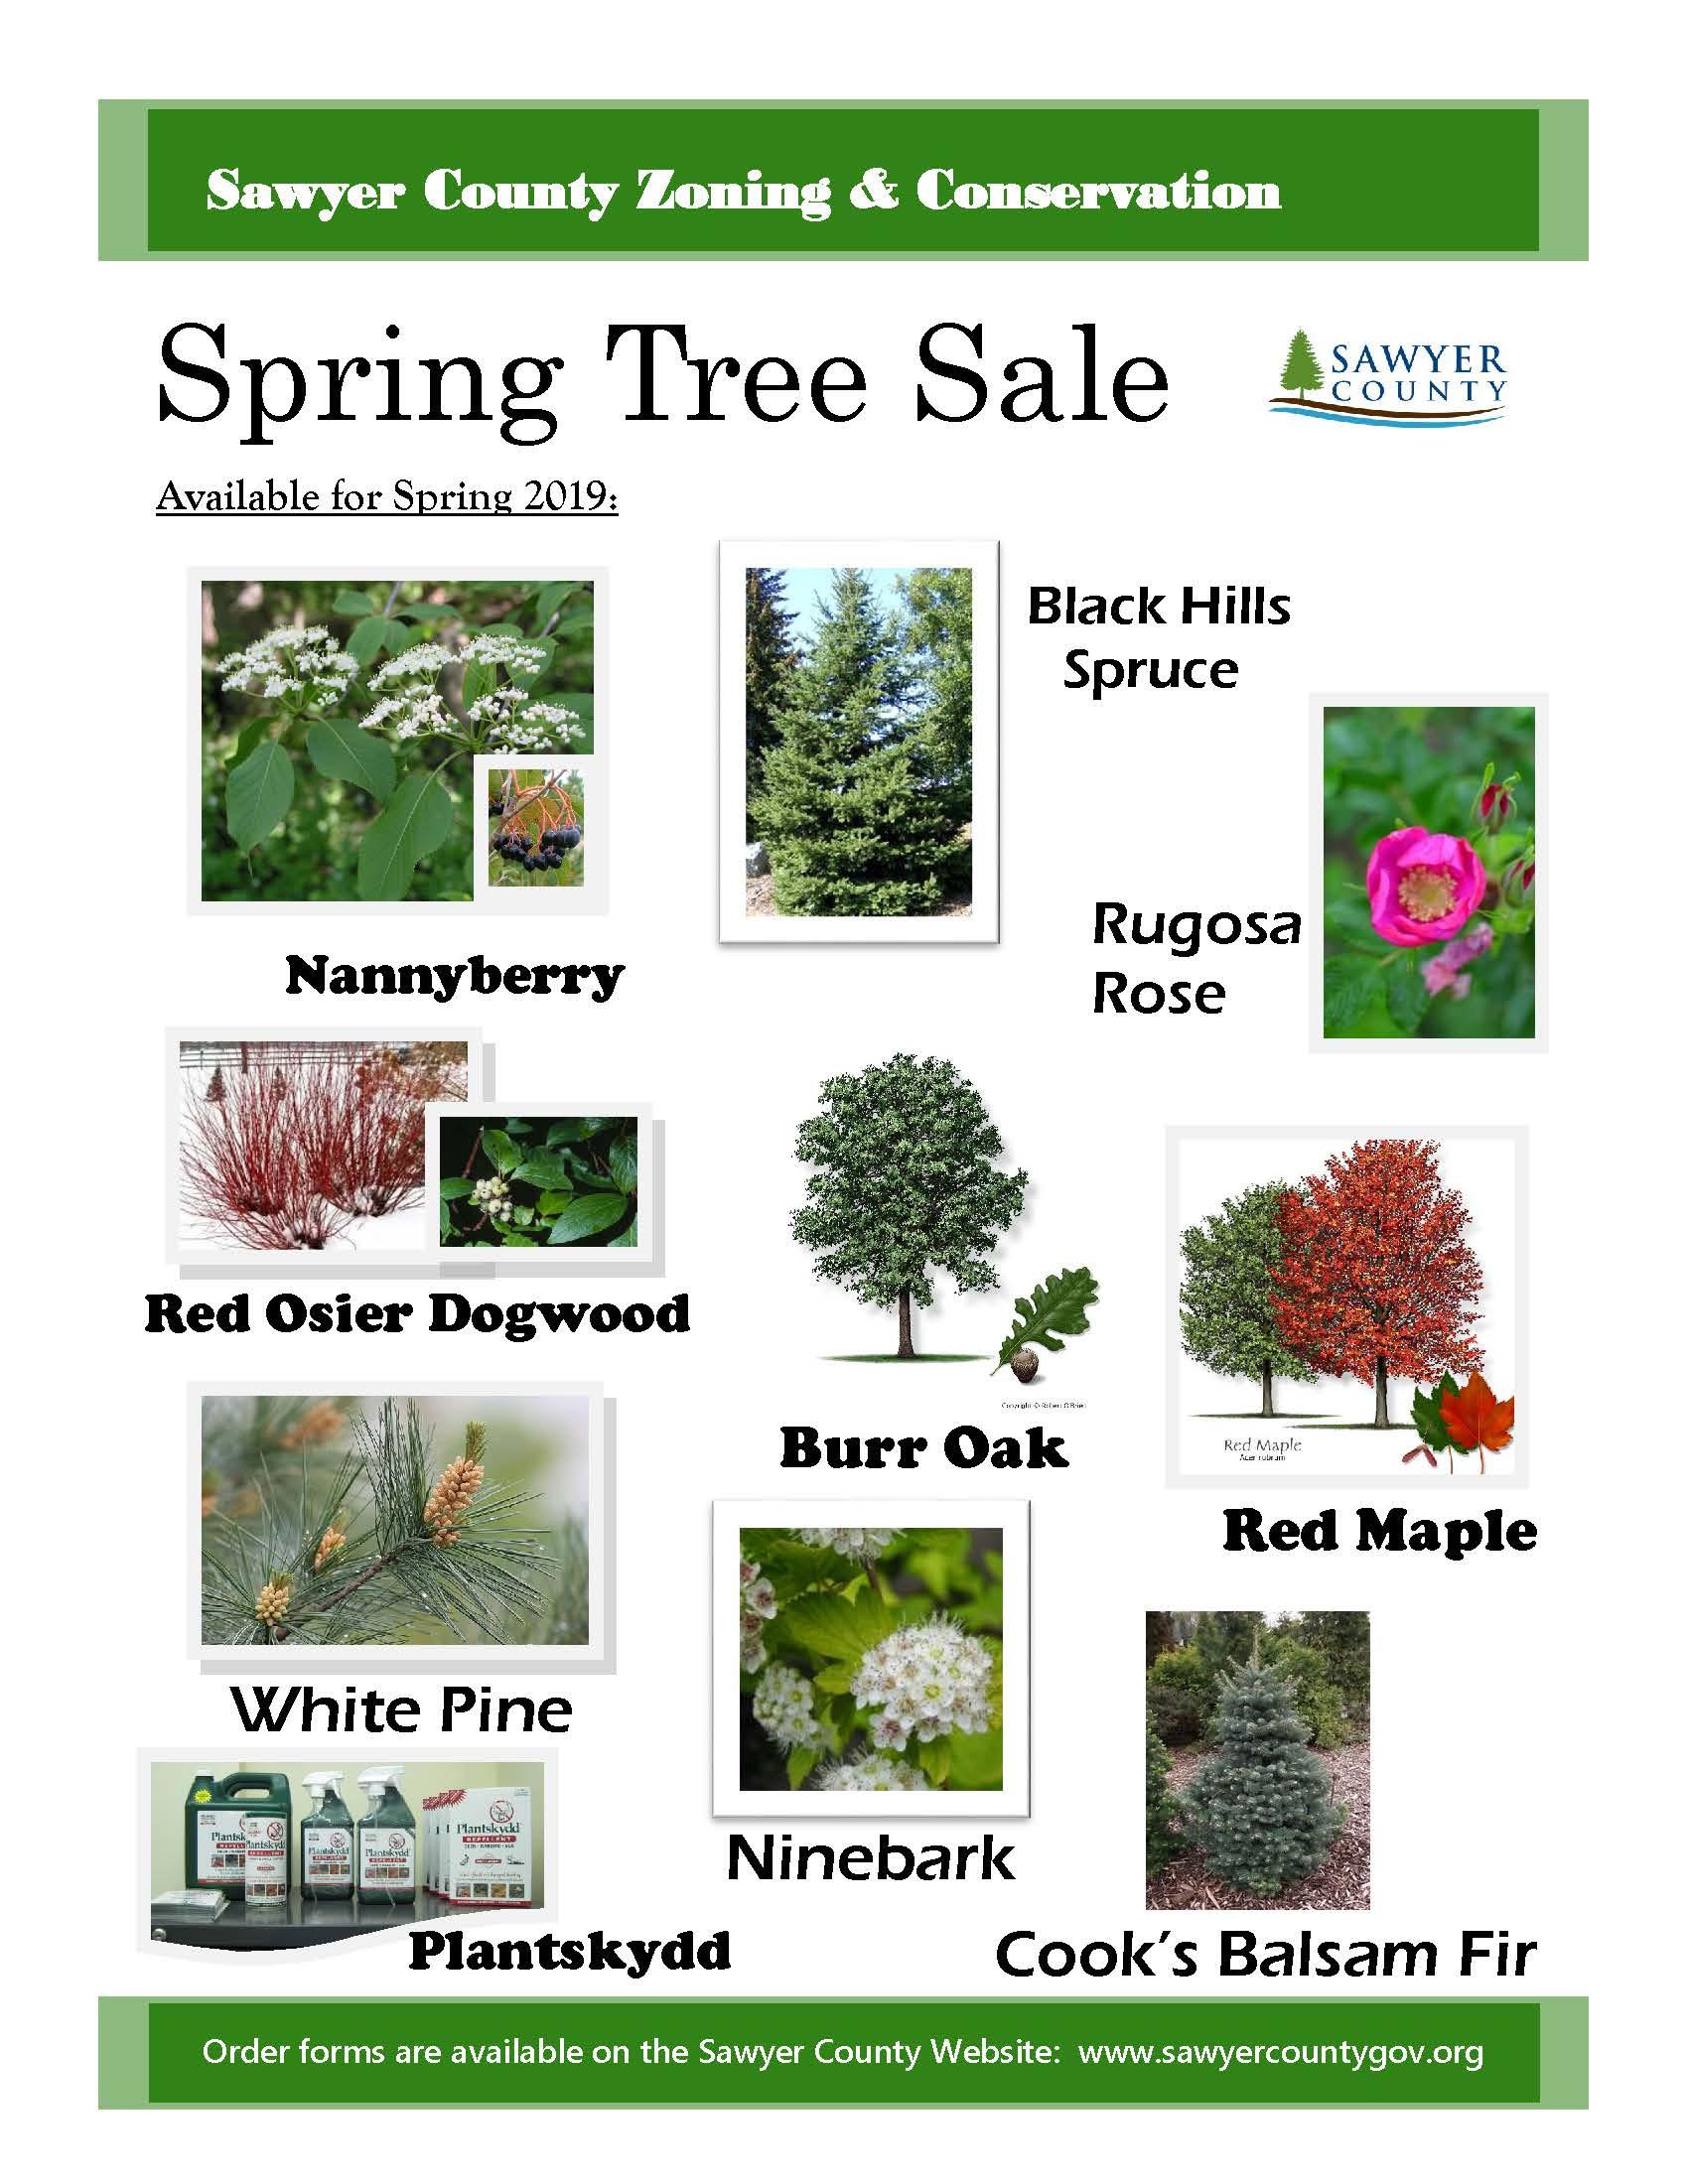 Tree Sale 2019 Sawyer County Wi